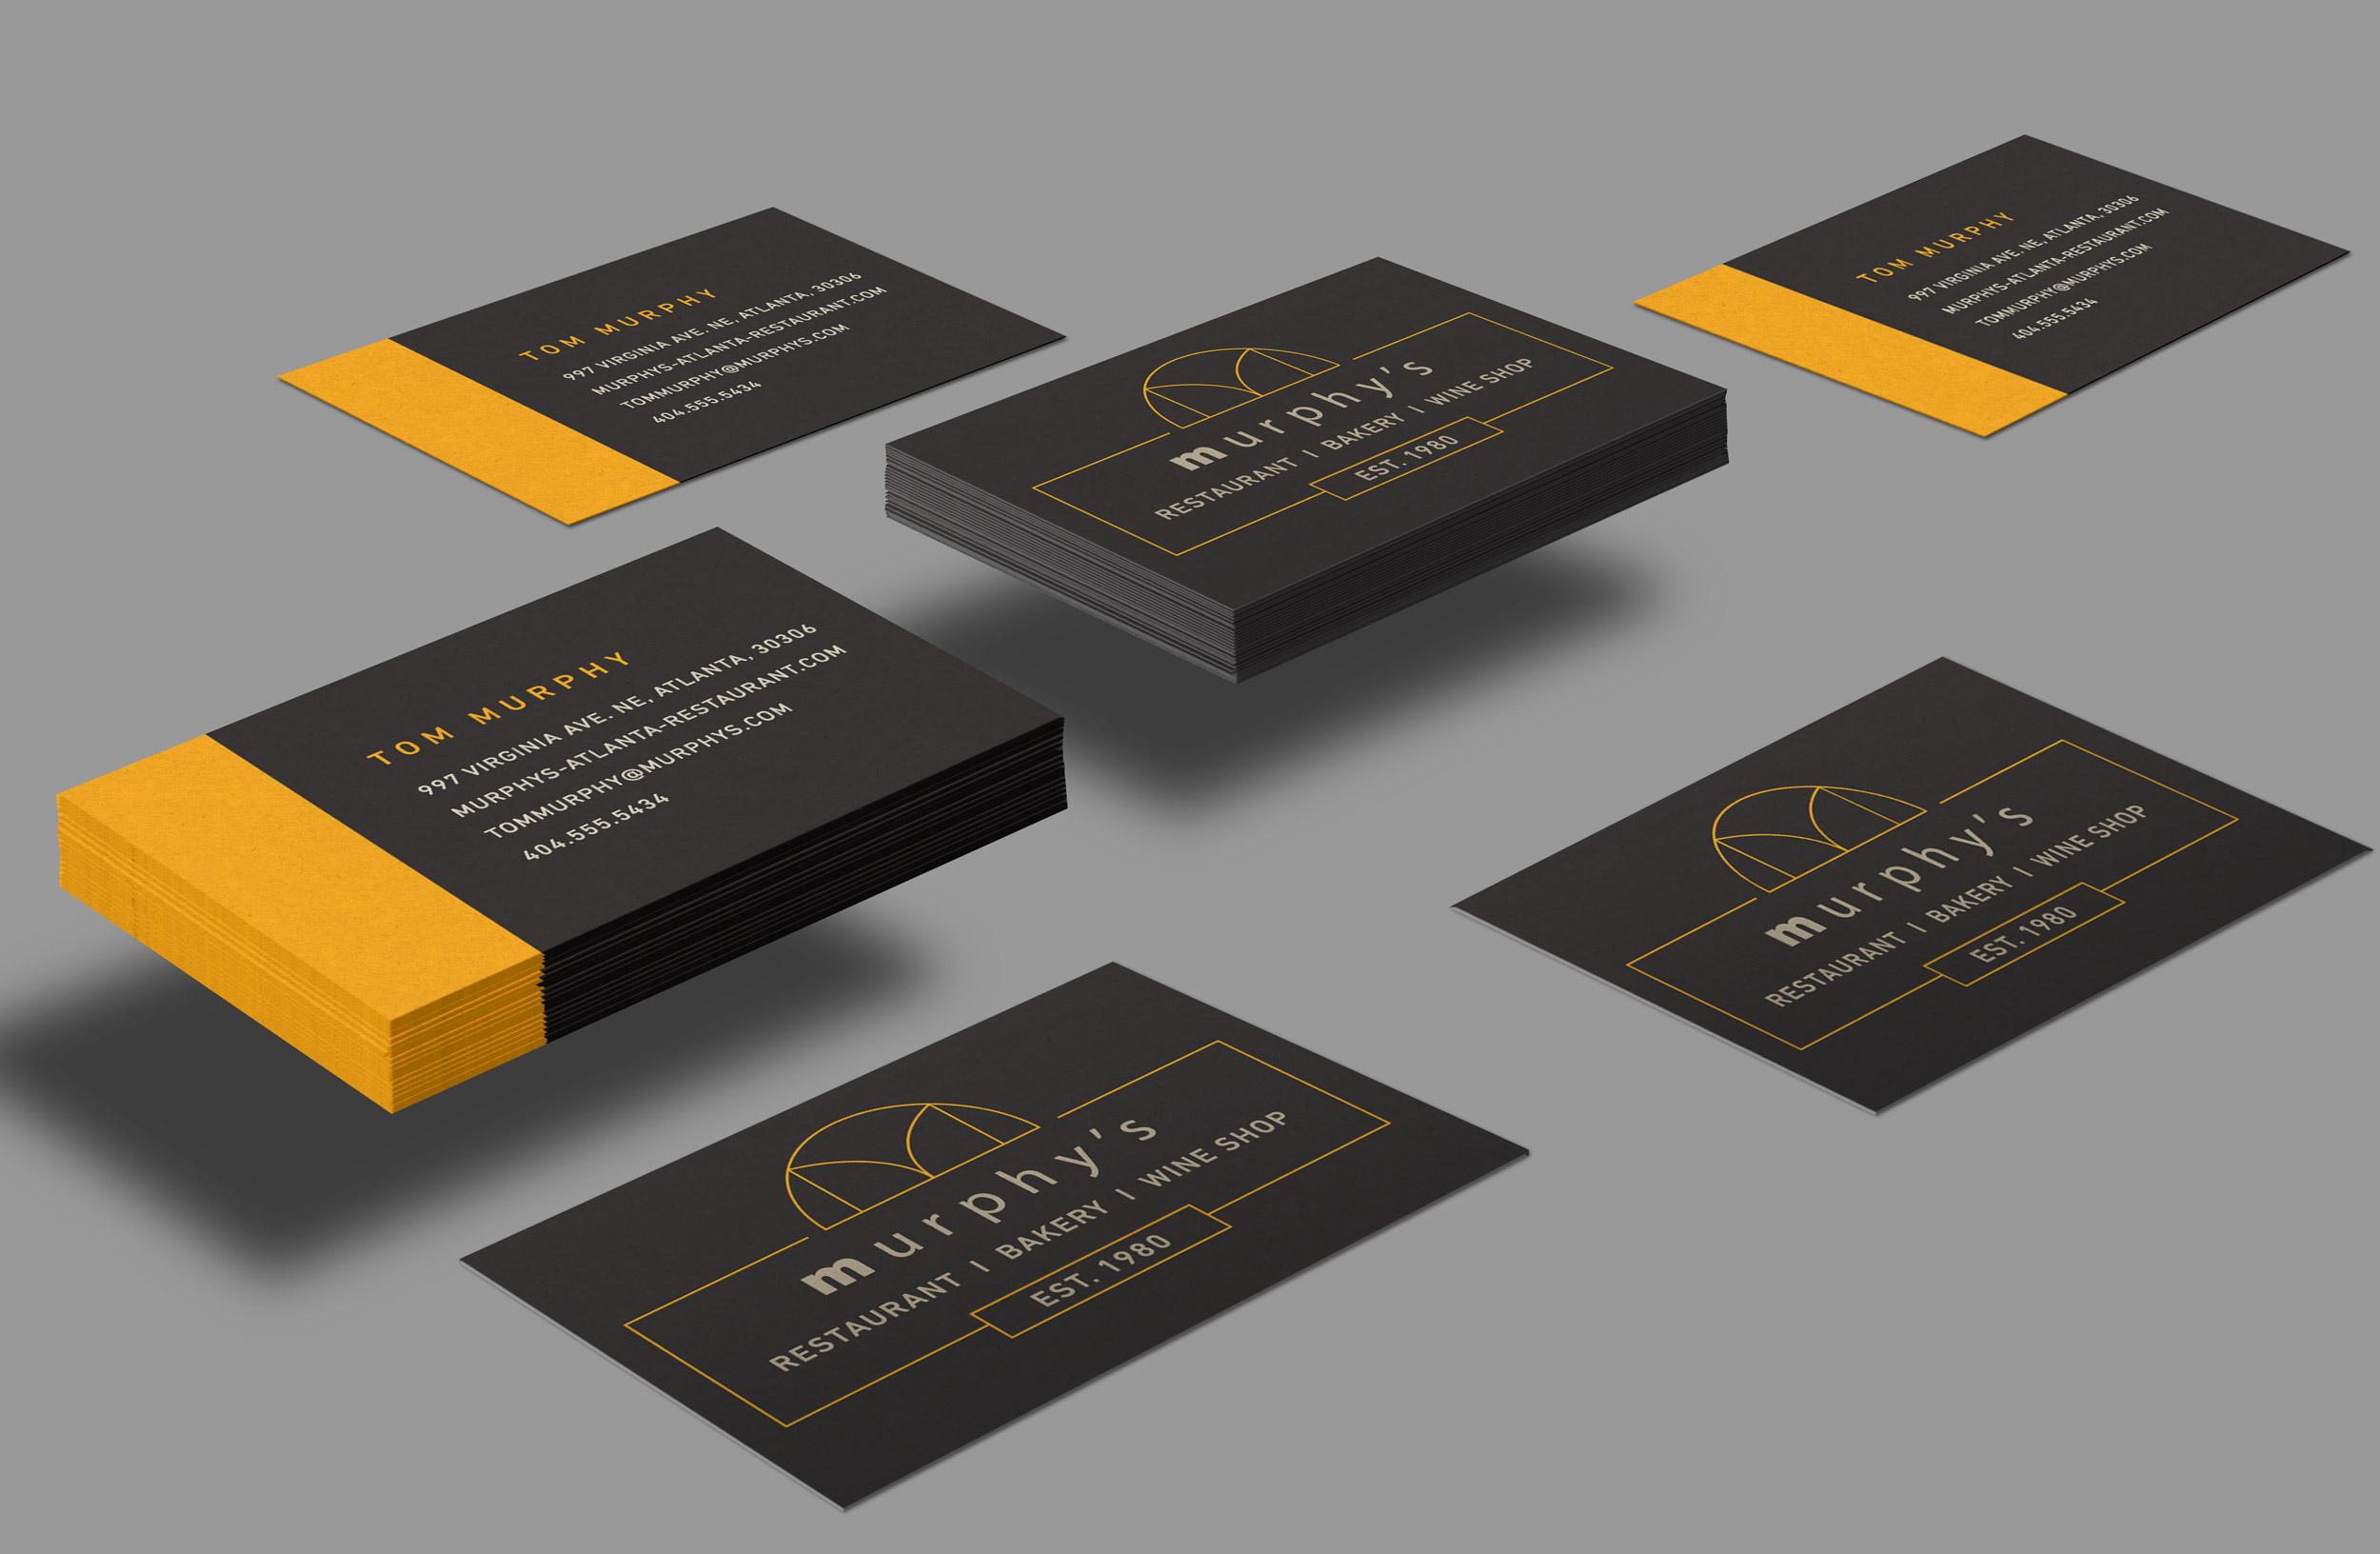 Murphys_business-cards.jpg